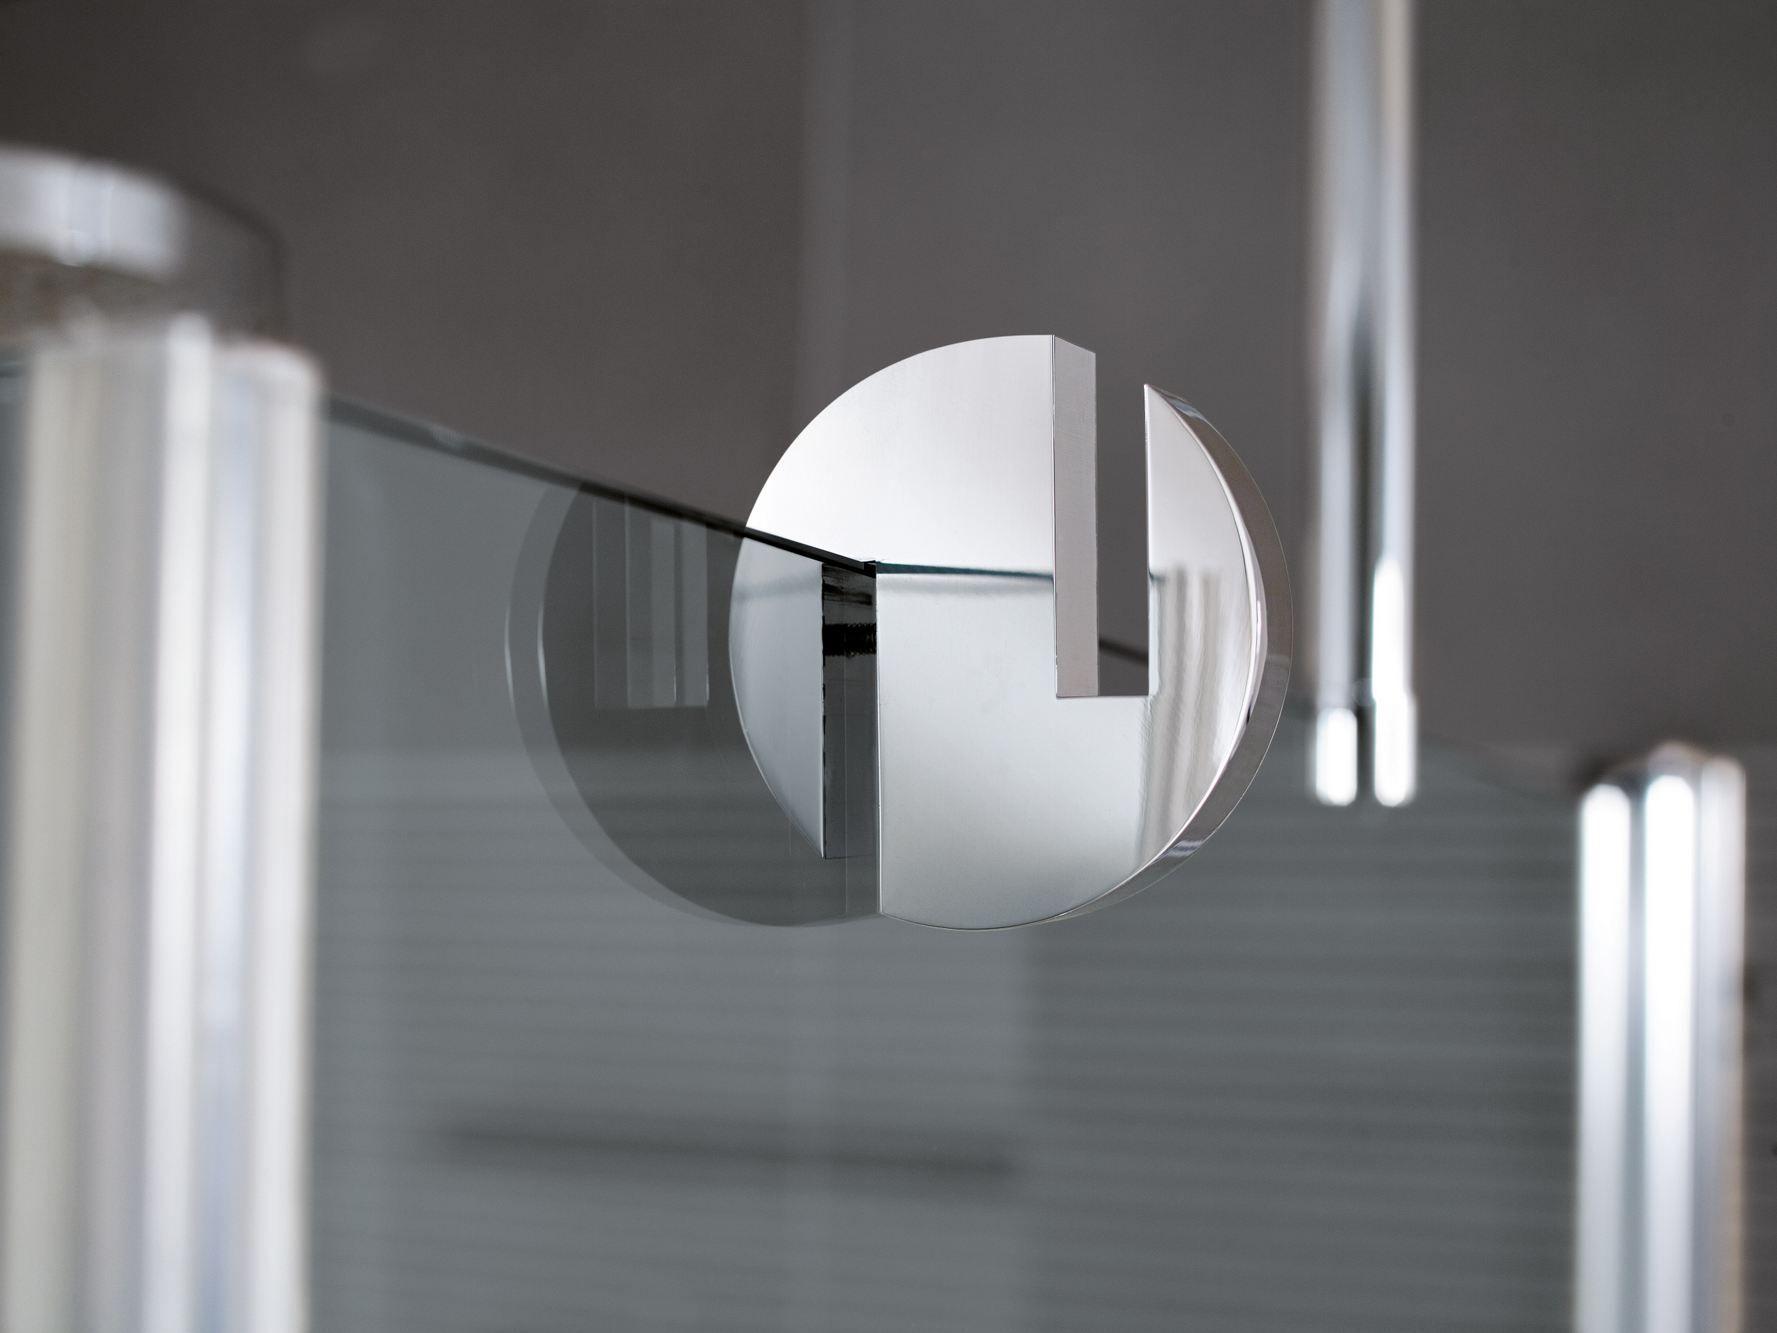 Porta accappatoio in acciaio collezione hand by ideagroup - Porta accappatoio da doccia ...